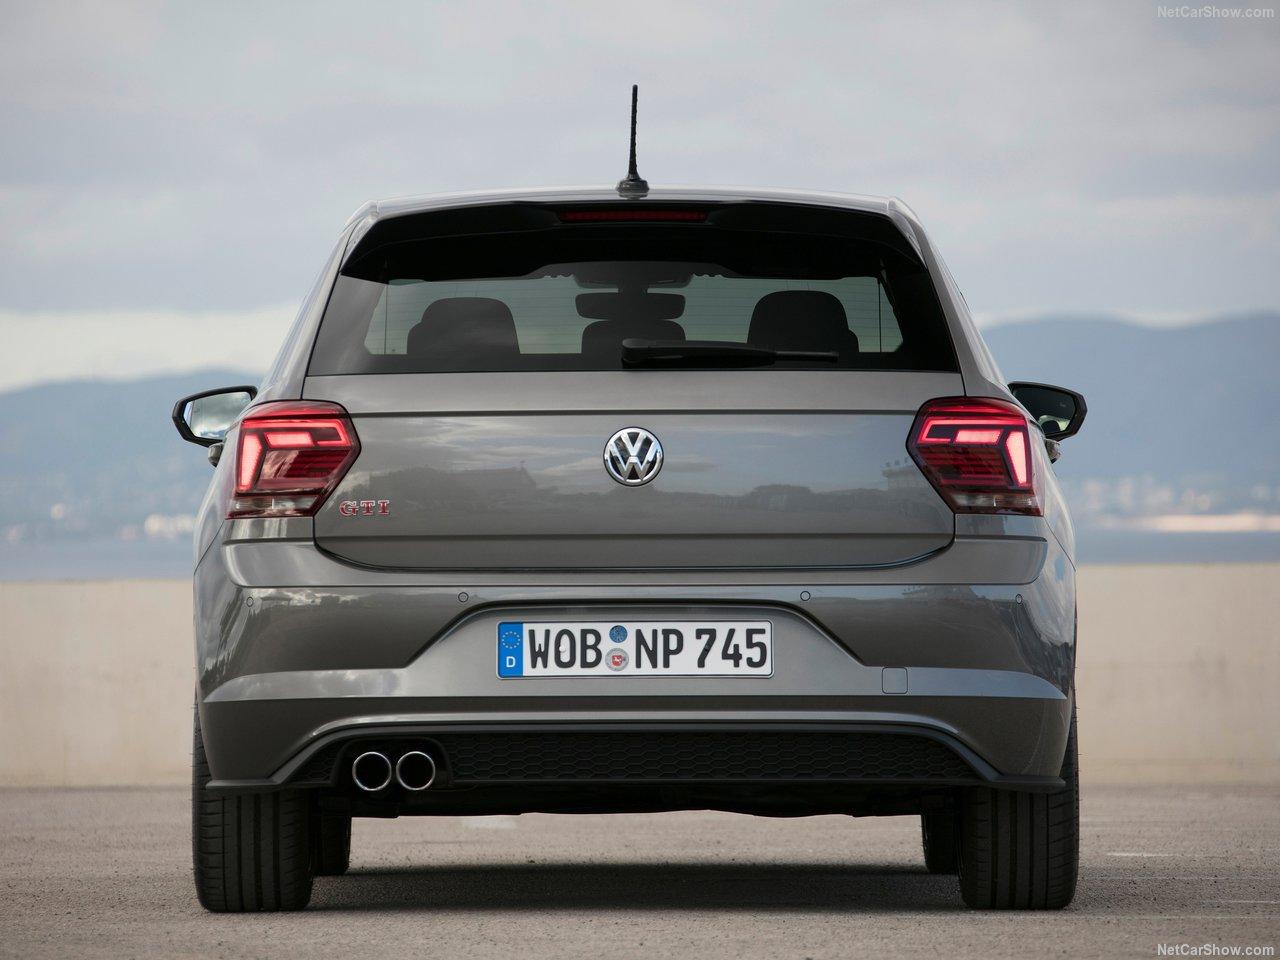 Volkswagen-Polo_GTI-2018-1280-49.jpg